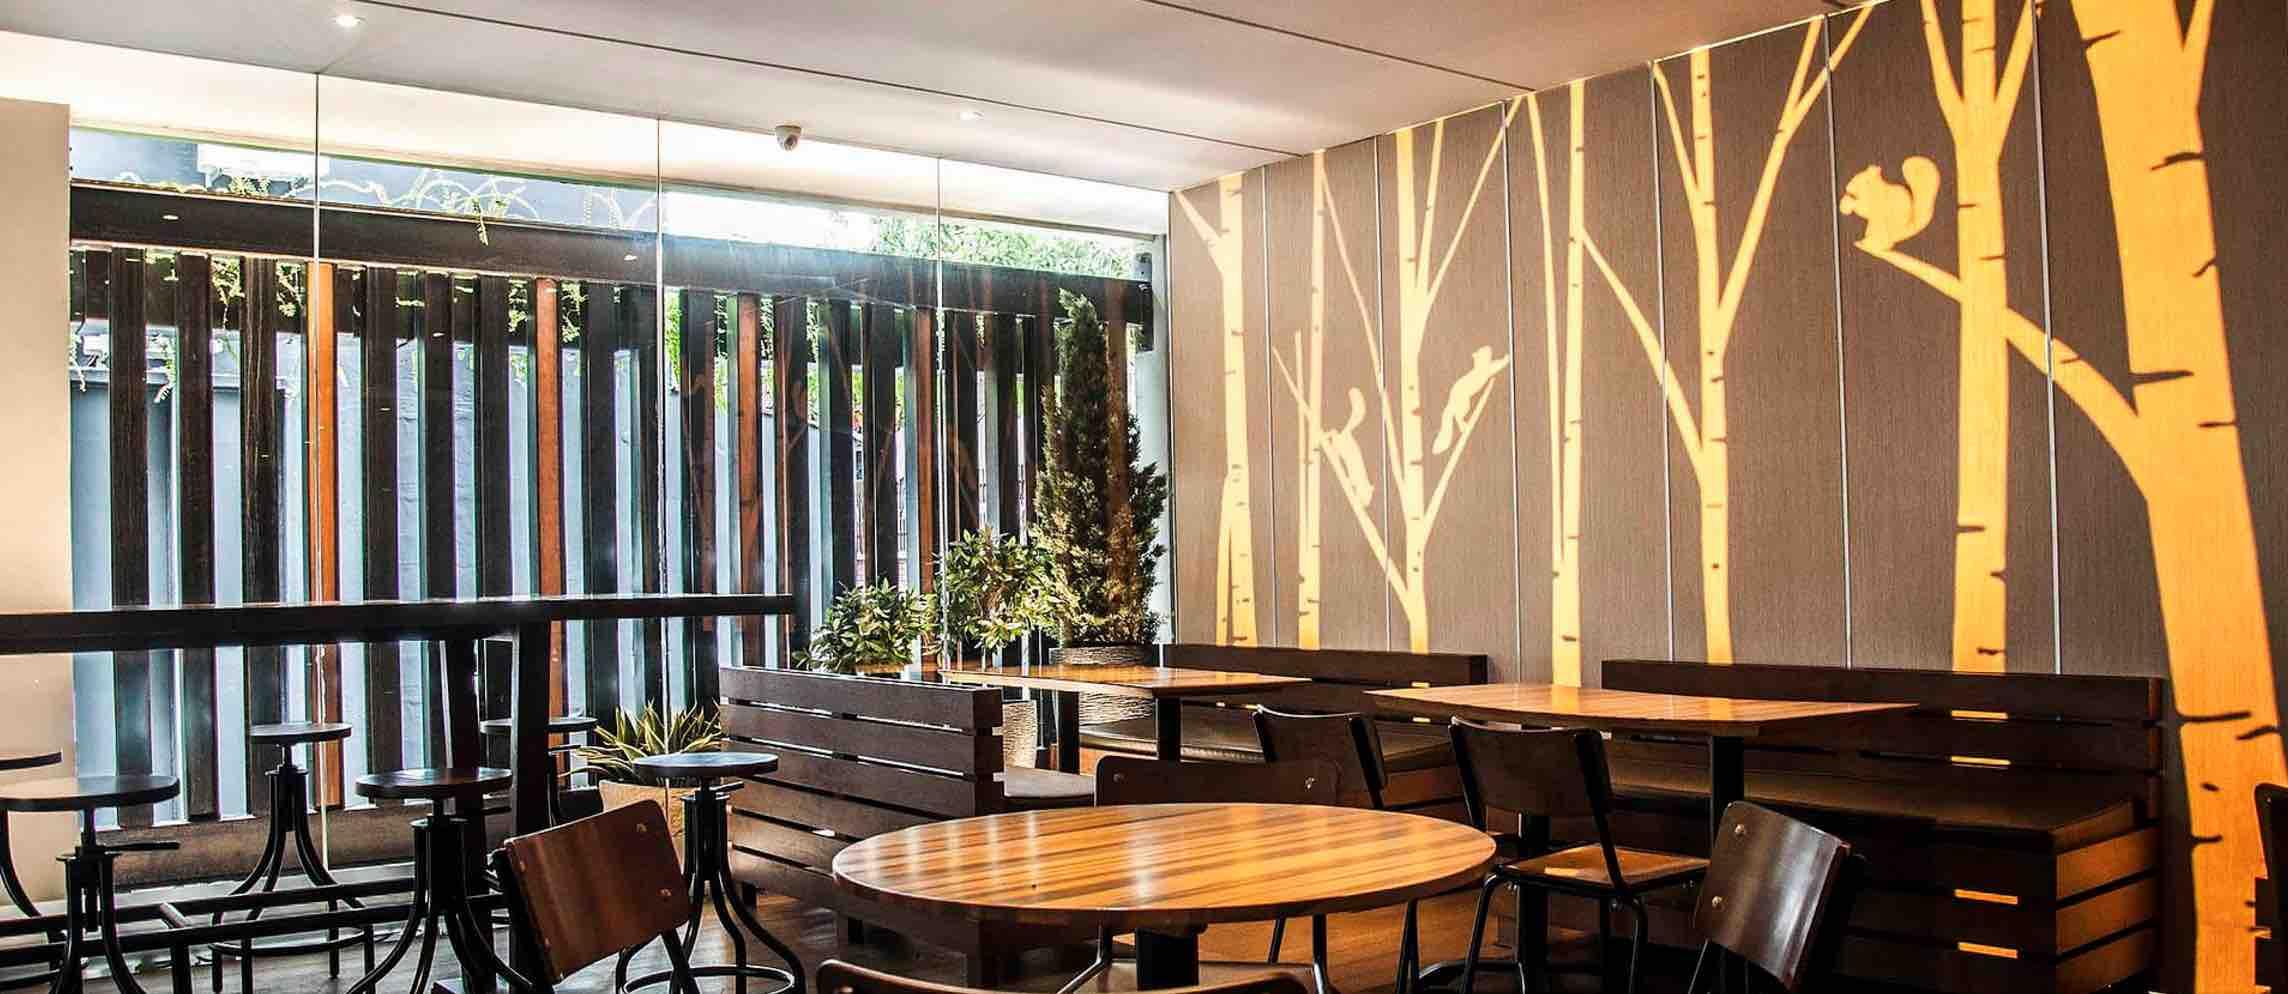 L Cafe by Lavender Johor Bahru - AspirantSG